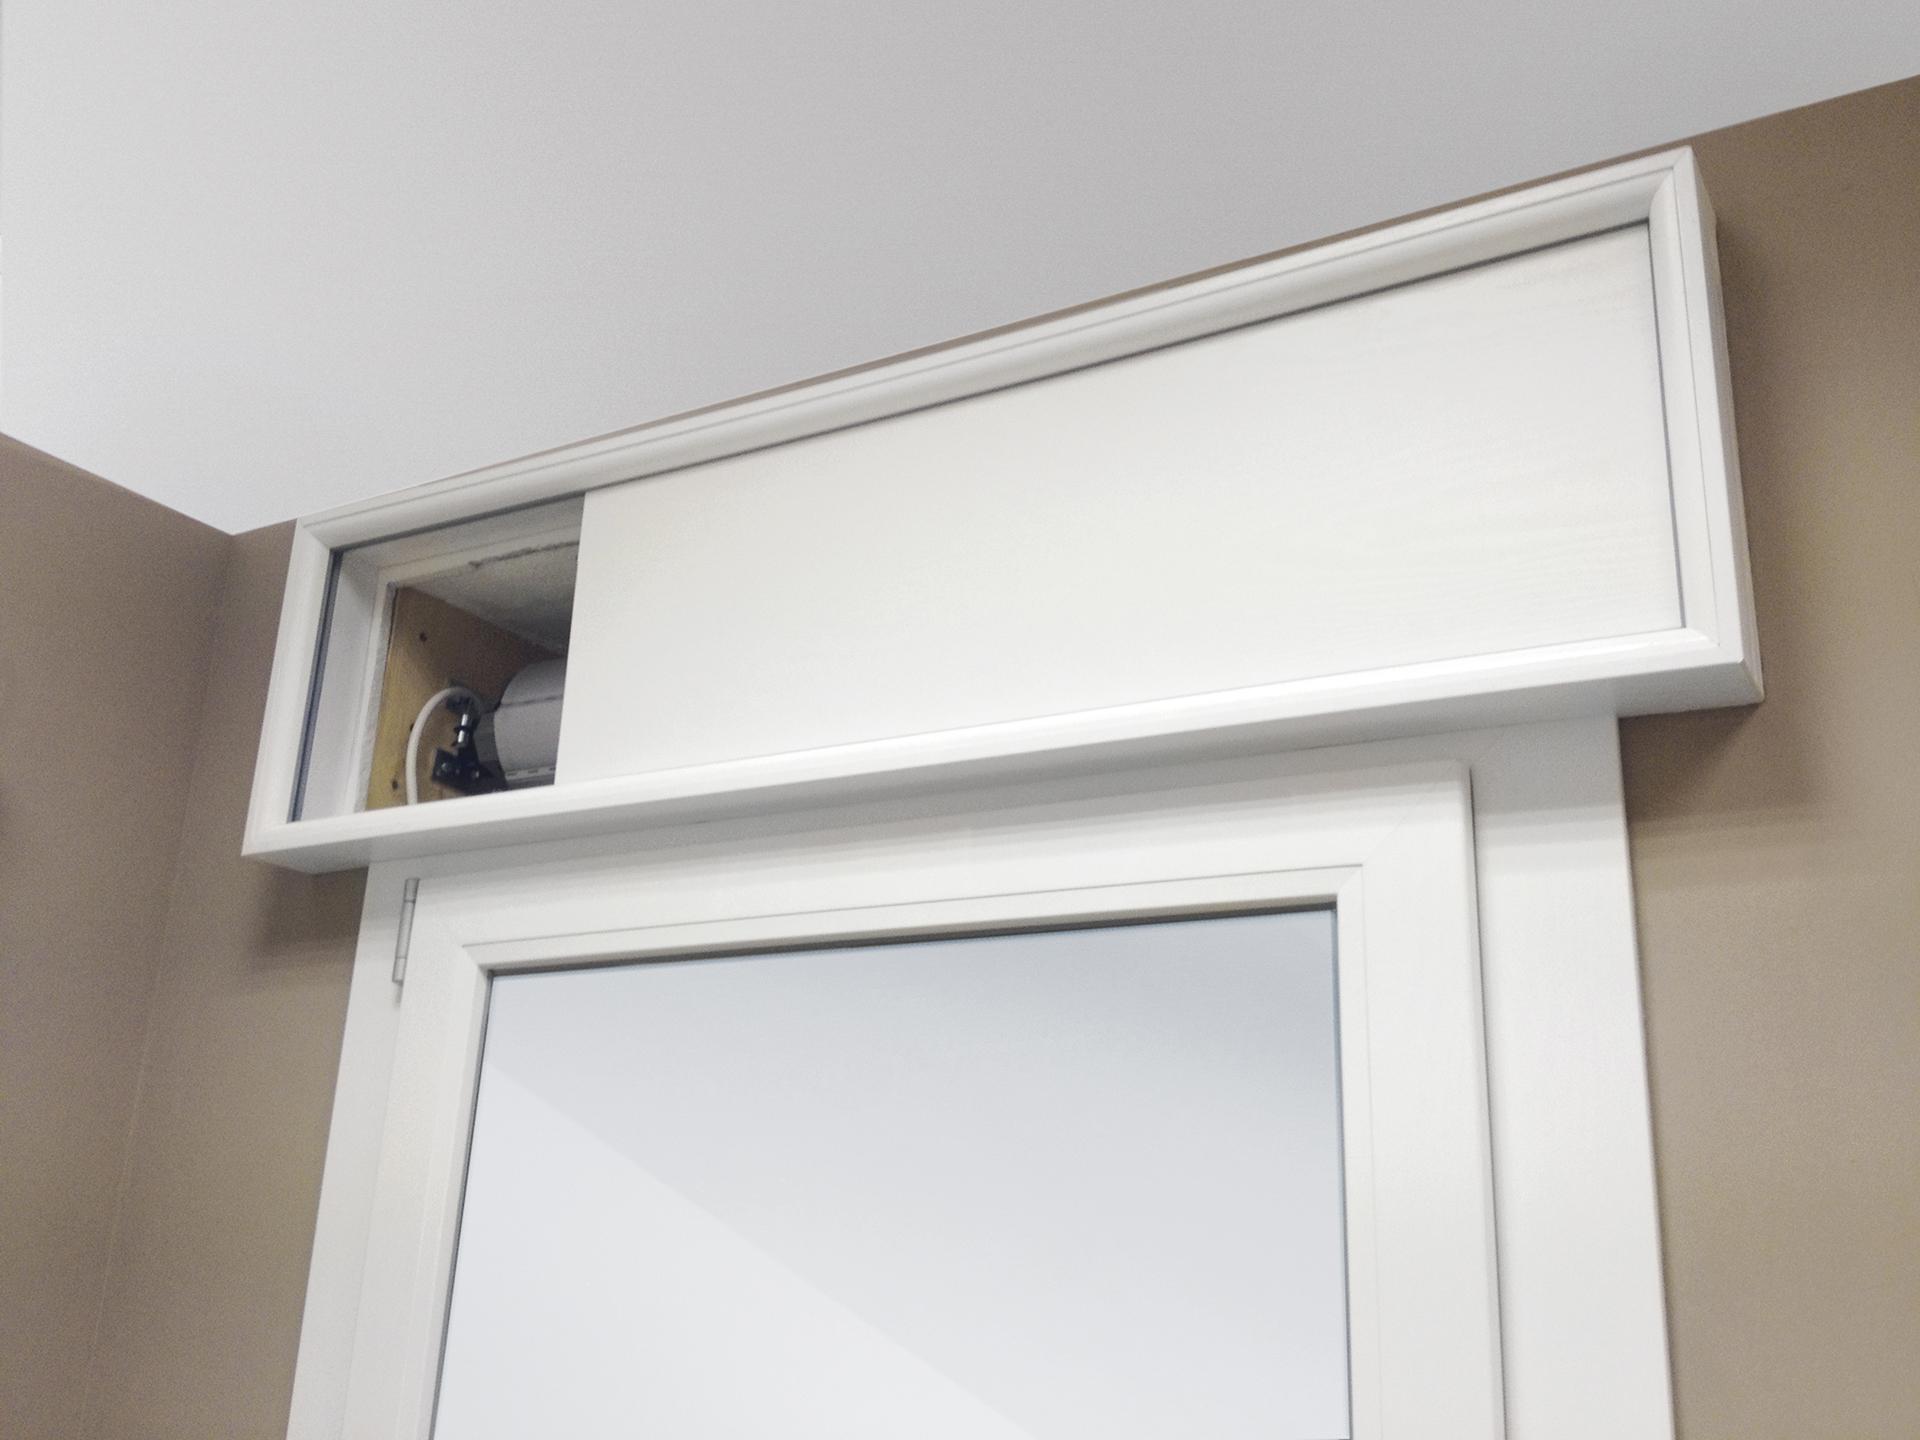 Prodotti complementari elledi serramenti in pvc for Dimensioni finestre velux nuova costruzione